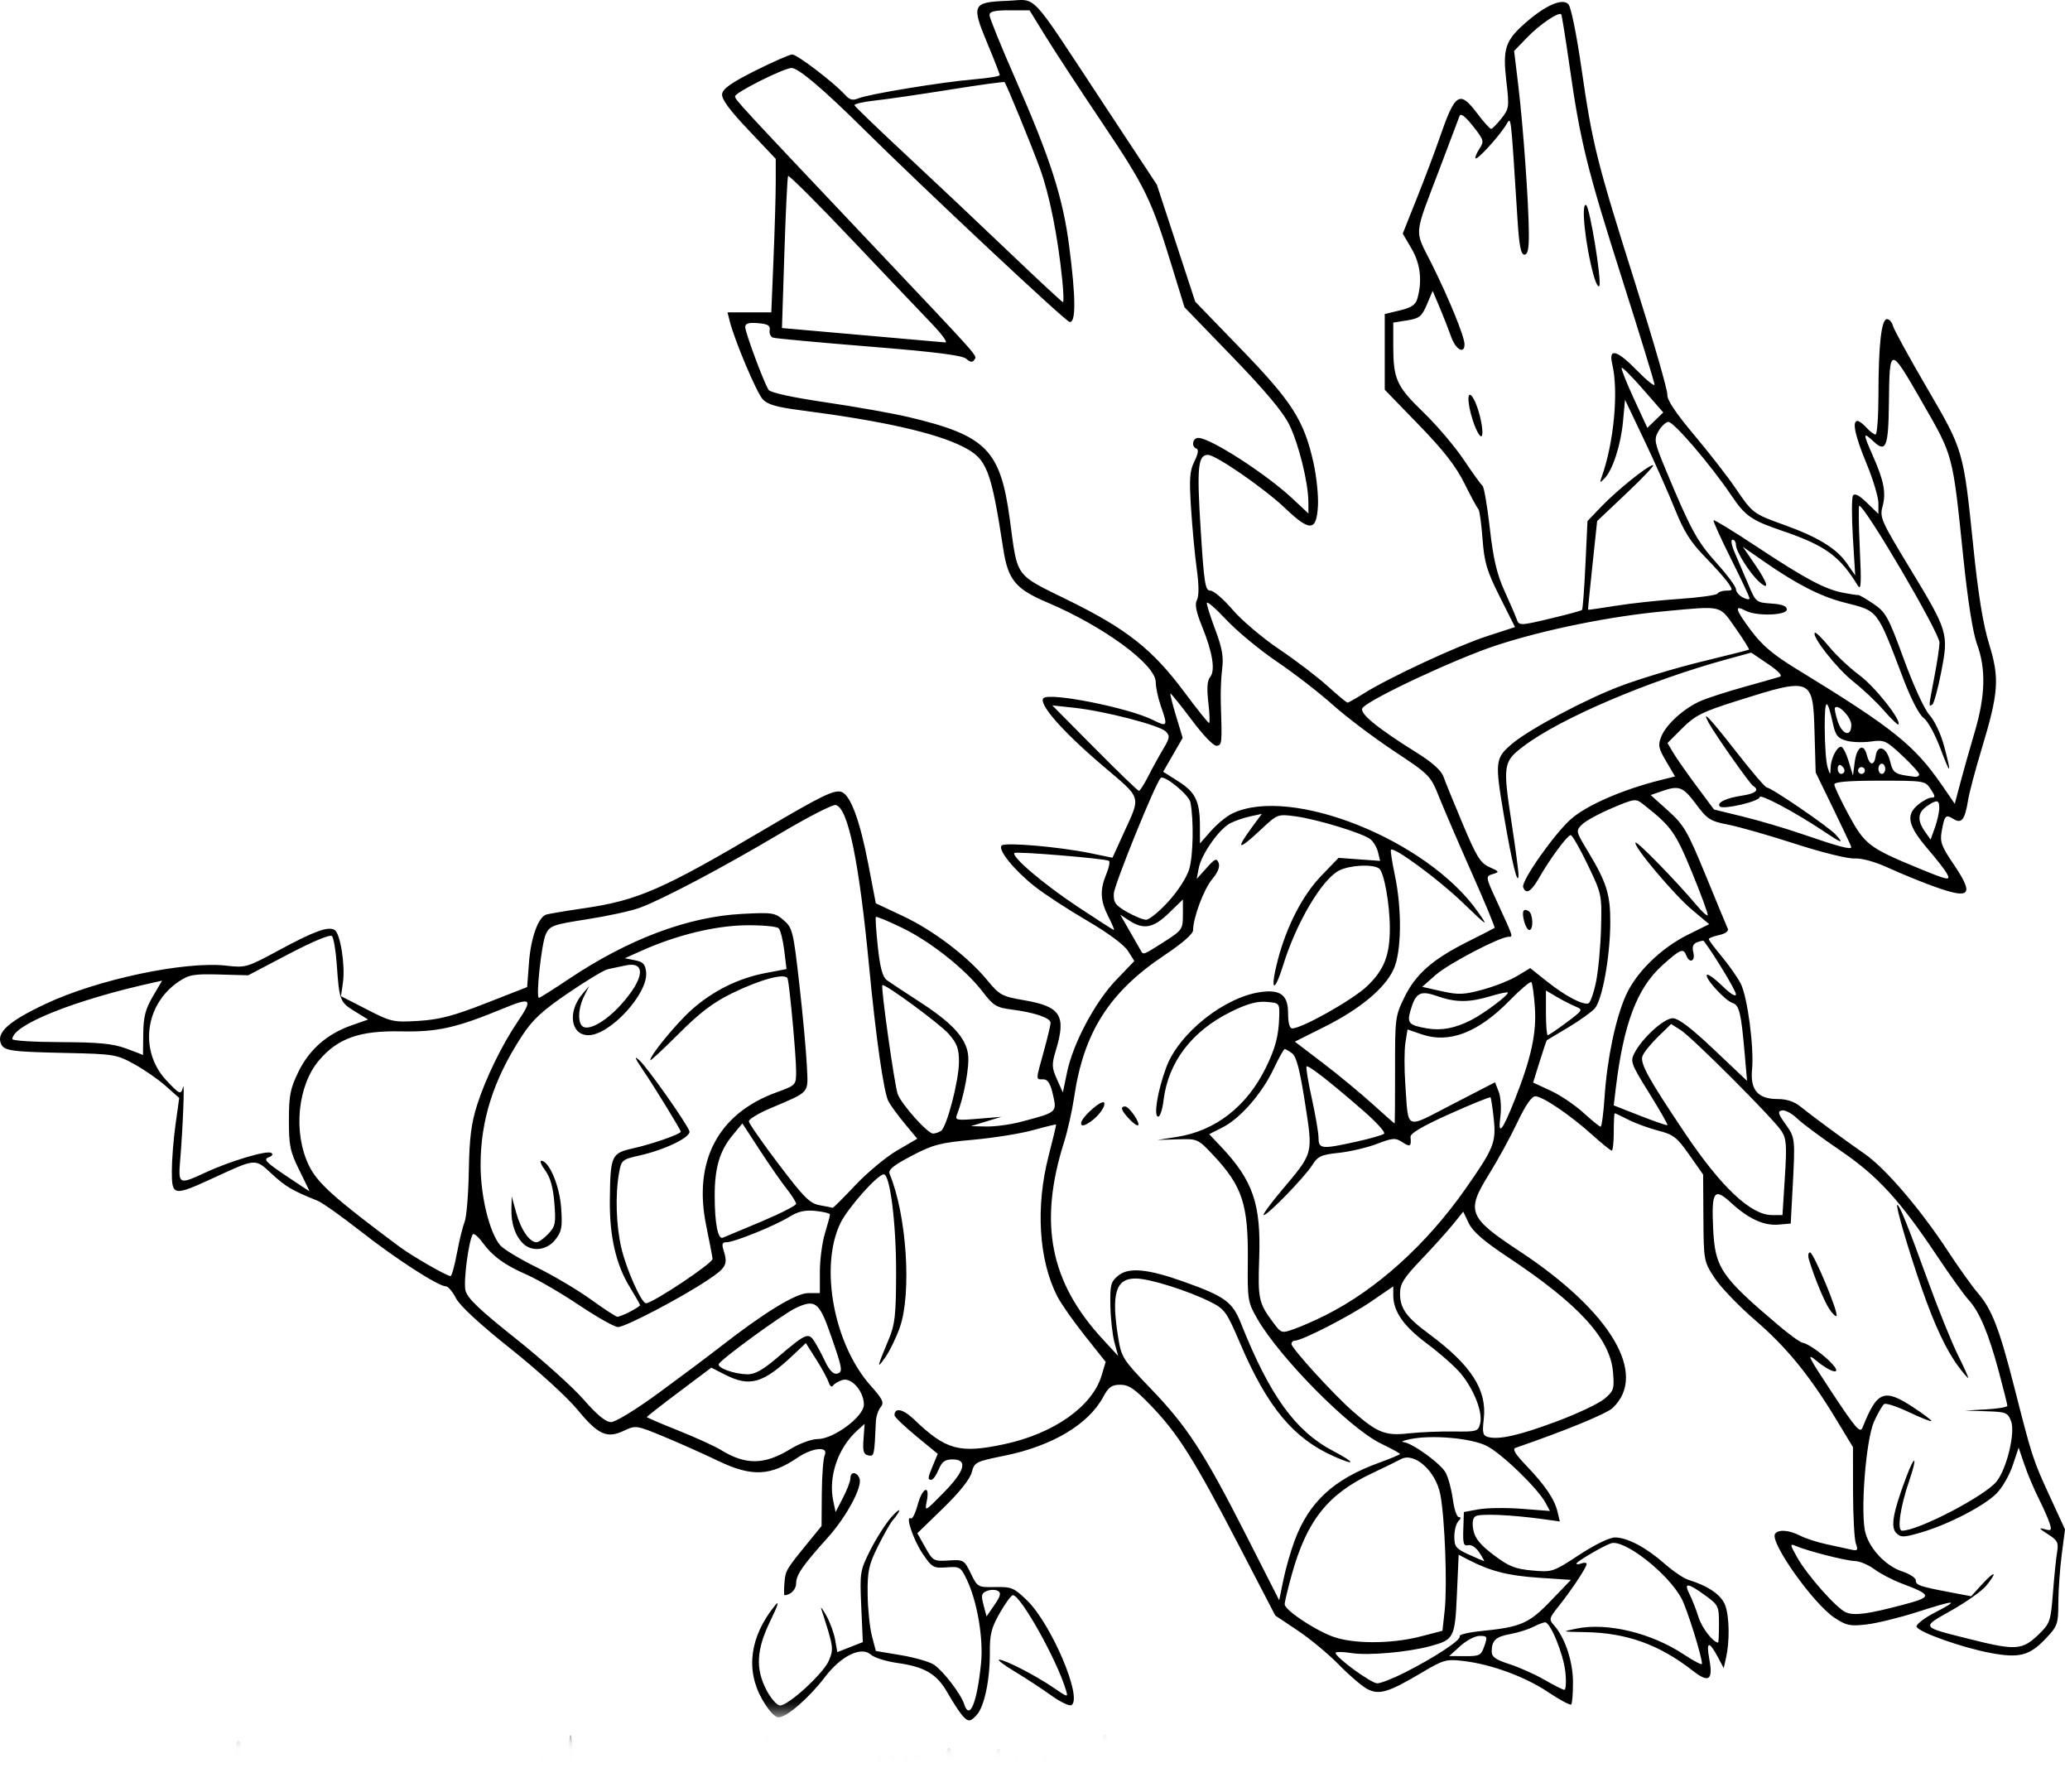 Élégant Dessin A Colorier Pokemon Zekrom